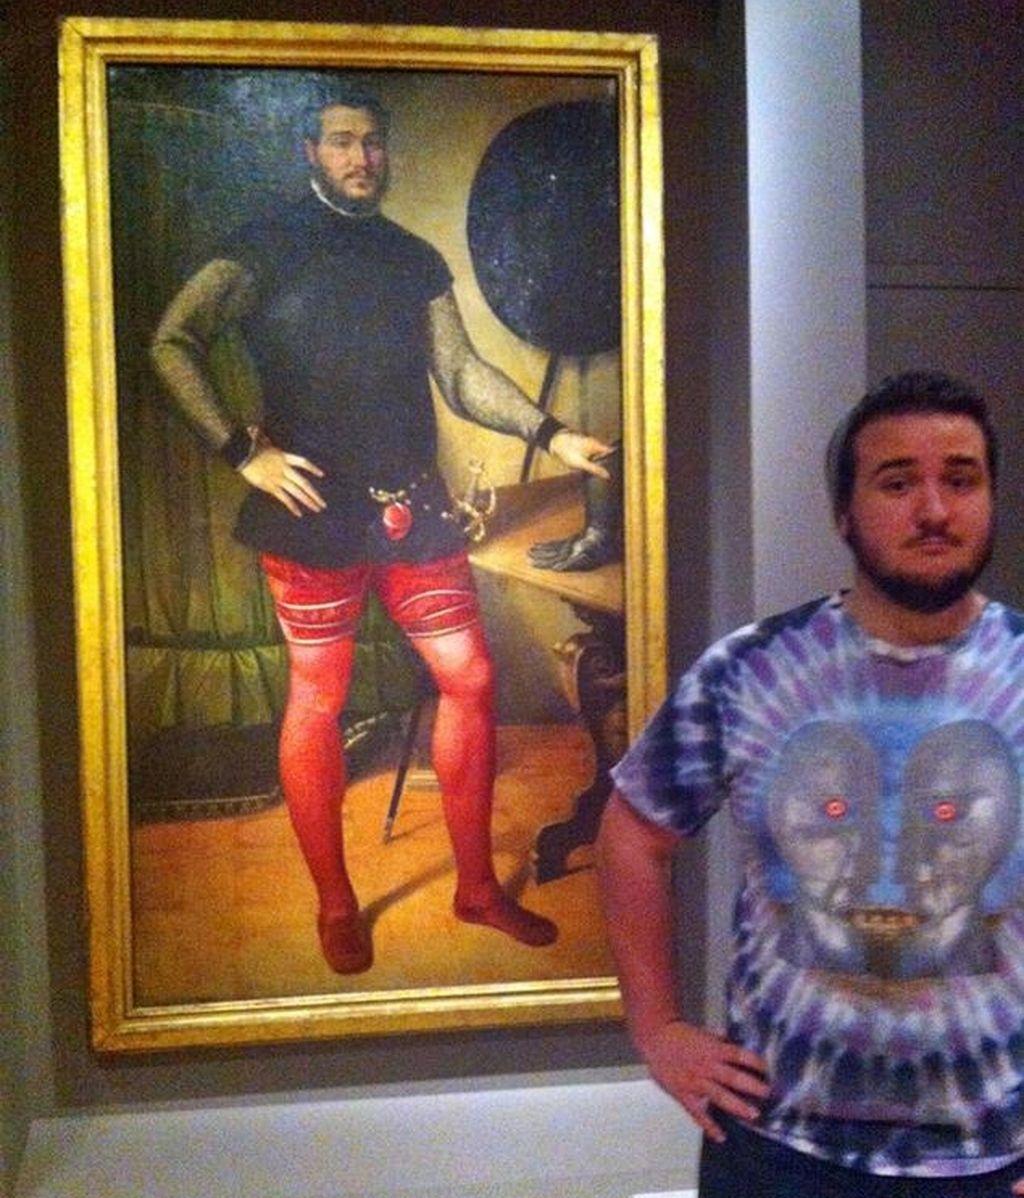 Max Galuppo, encuentra a su gemelo en un cuadro del siglo XVI